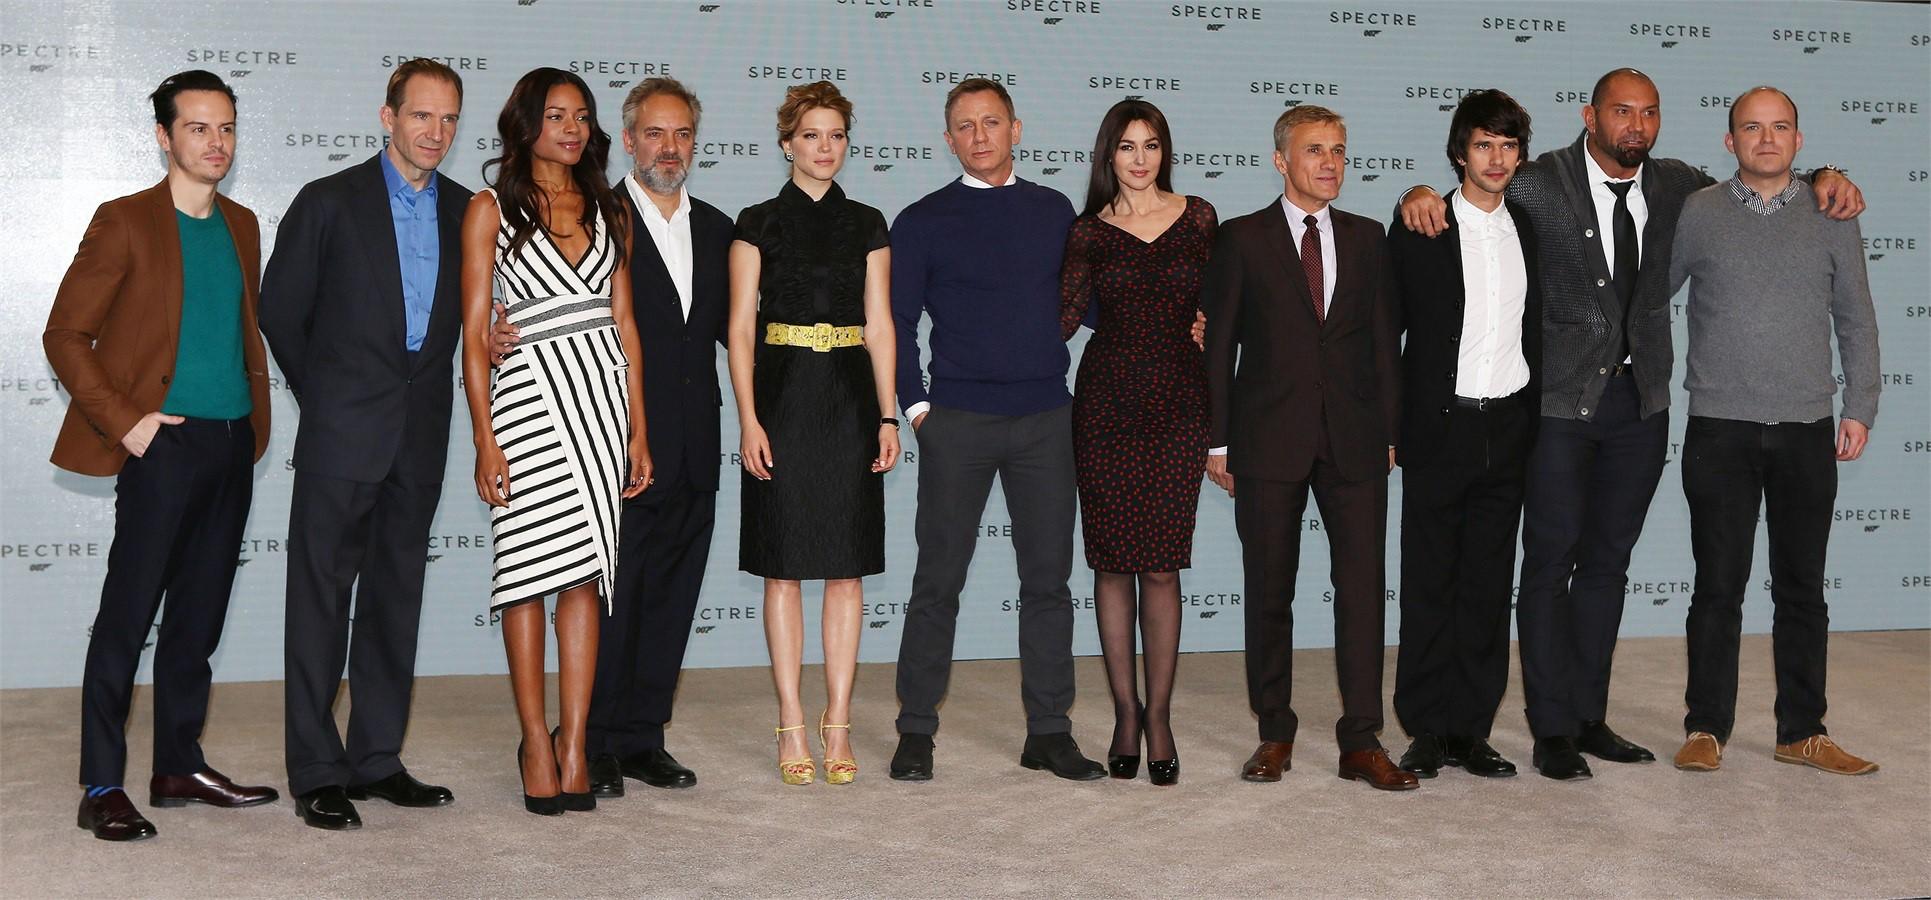 Cast Spectre 007